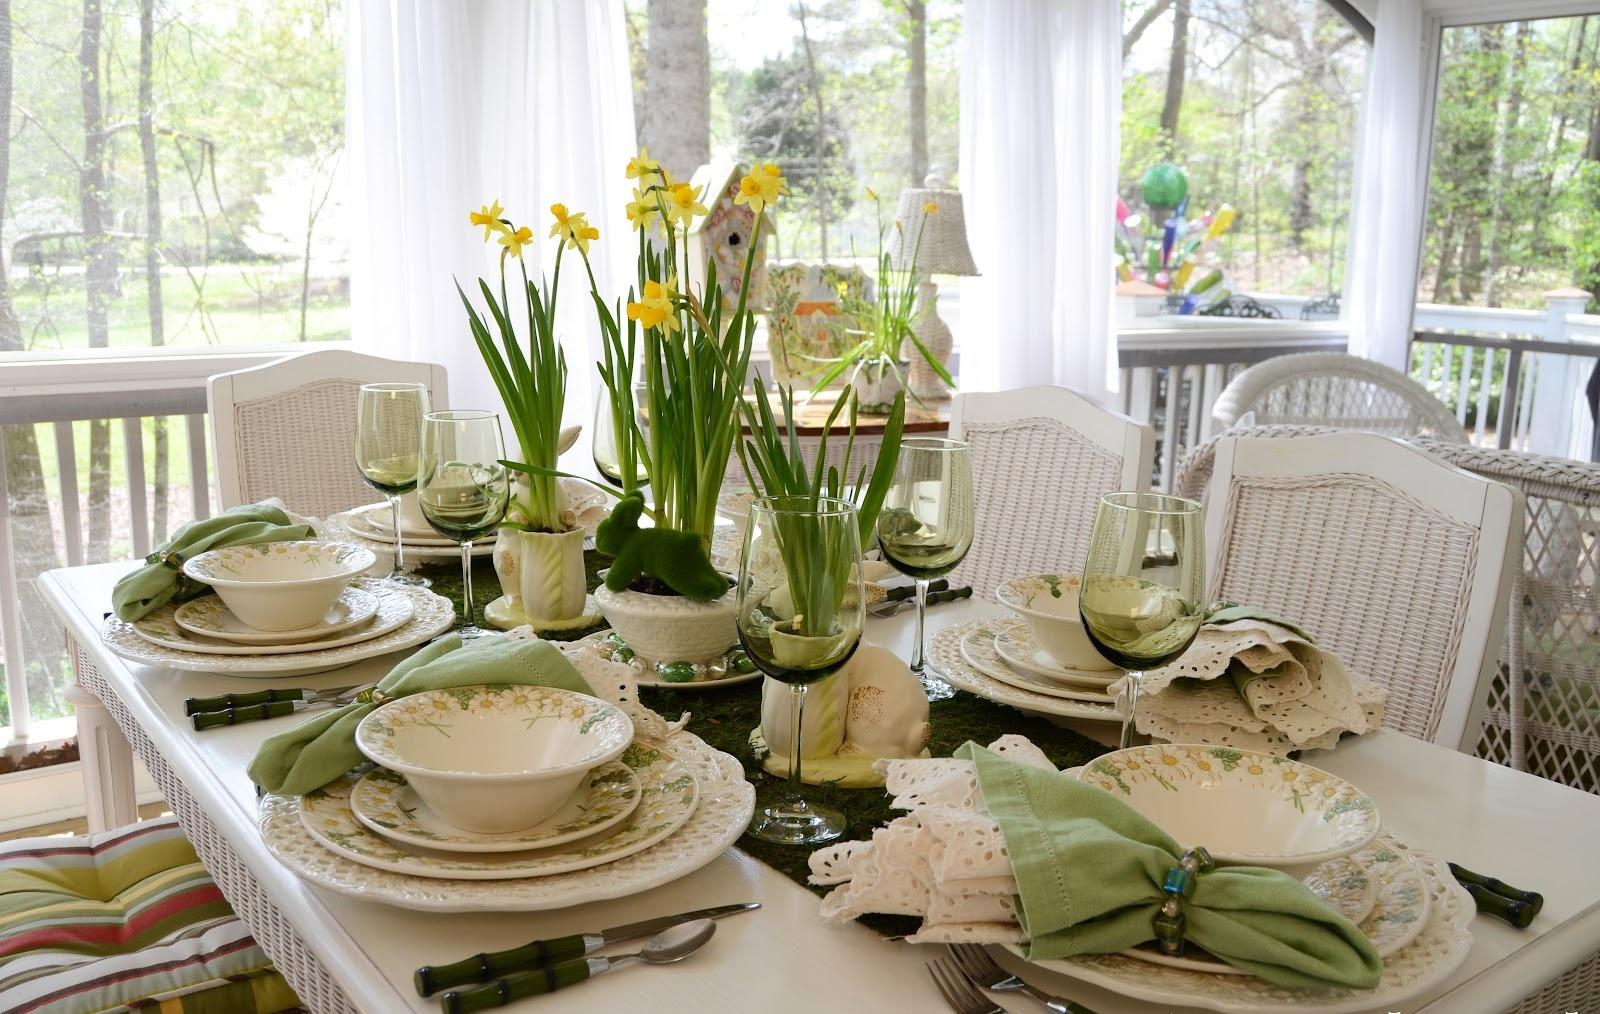 Фото сервировки стола к обеду